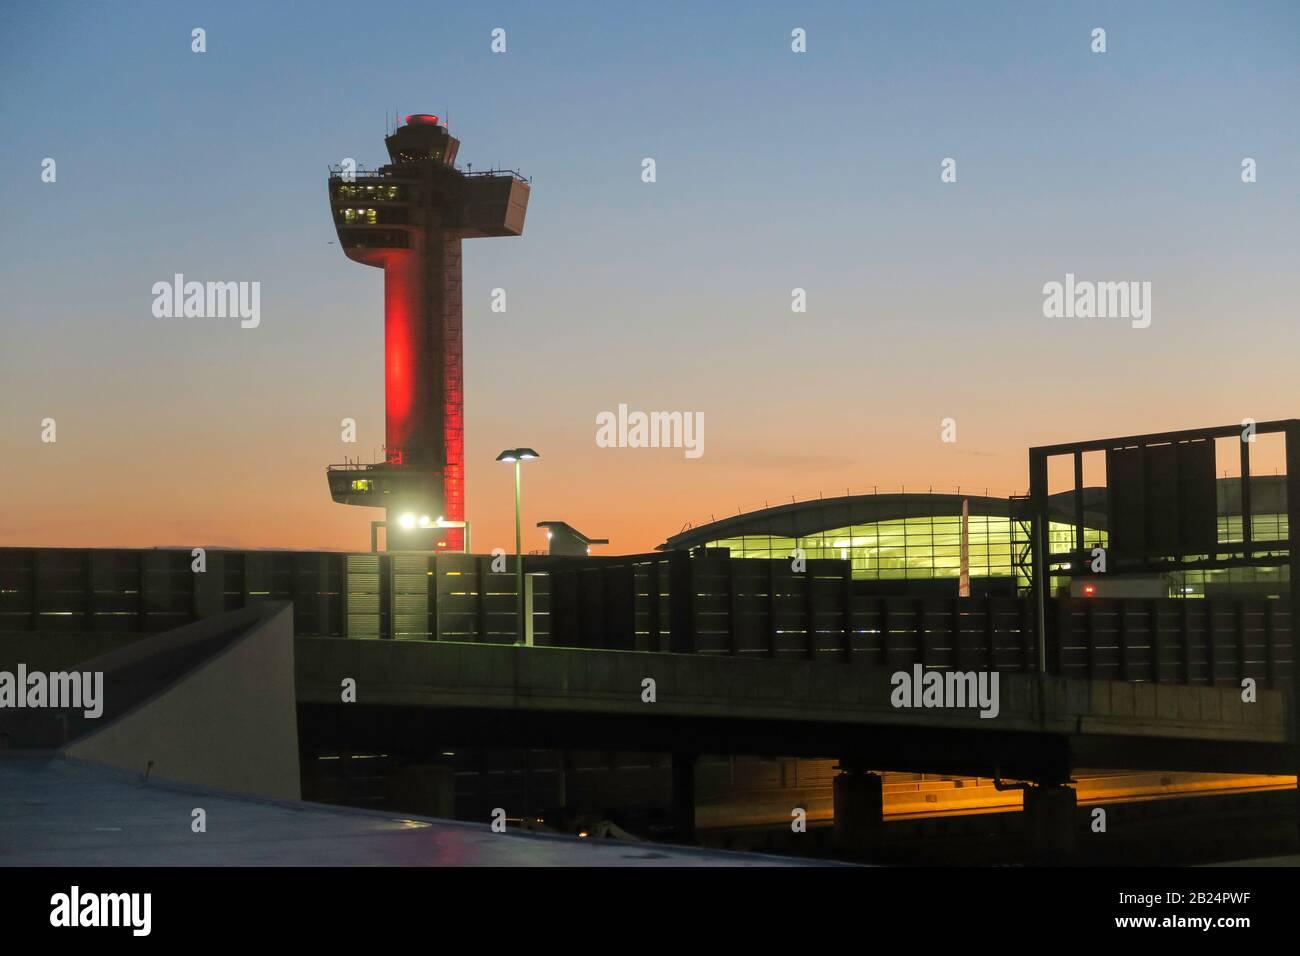 Torre de Control de tráfico aéreo en el Aeropuerto Internacional John F. Kennedy, Nueva York, Estados Unidos Foto de stock